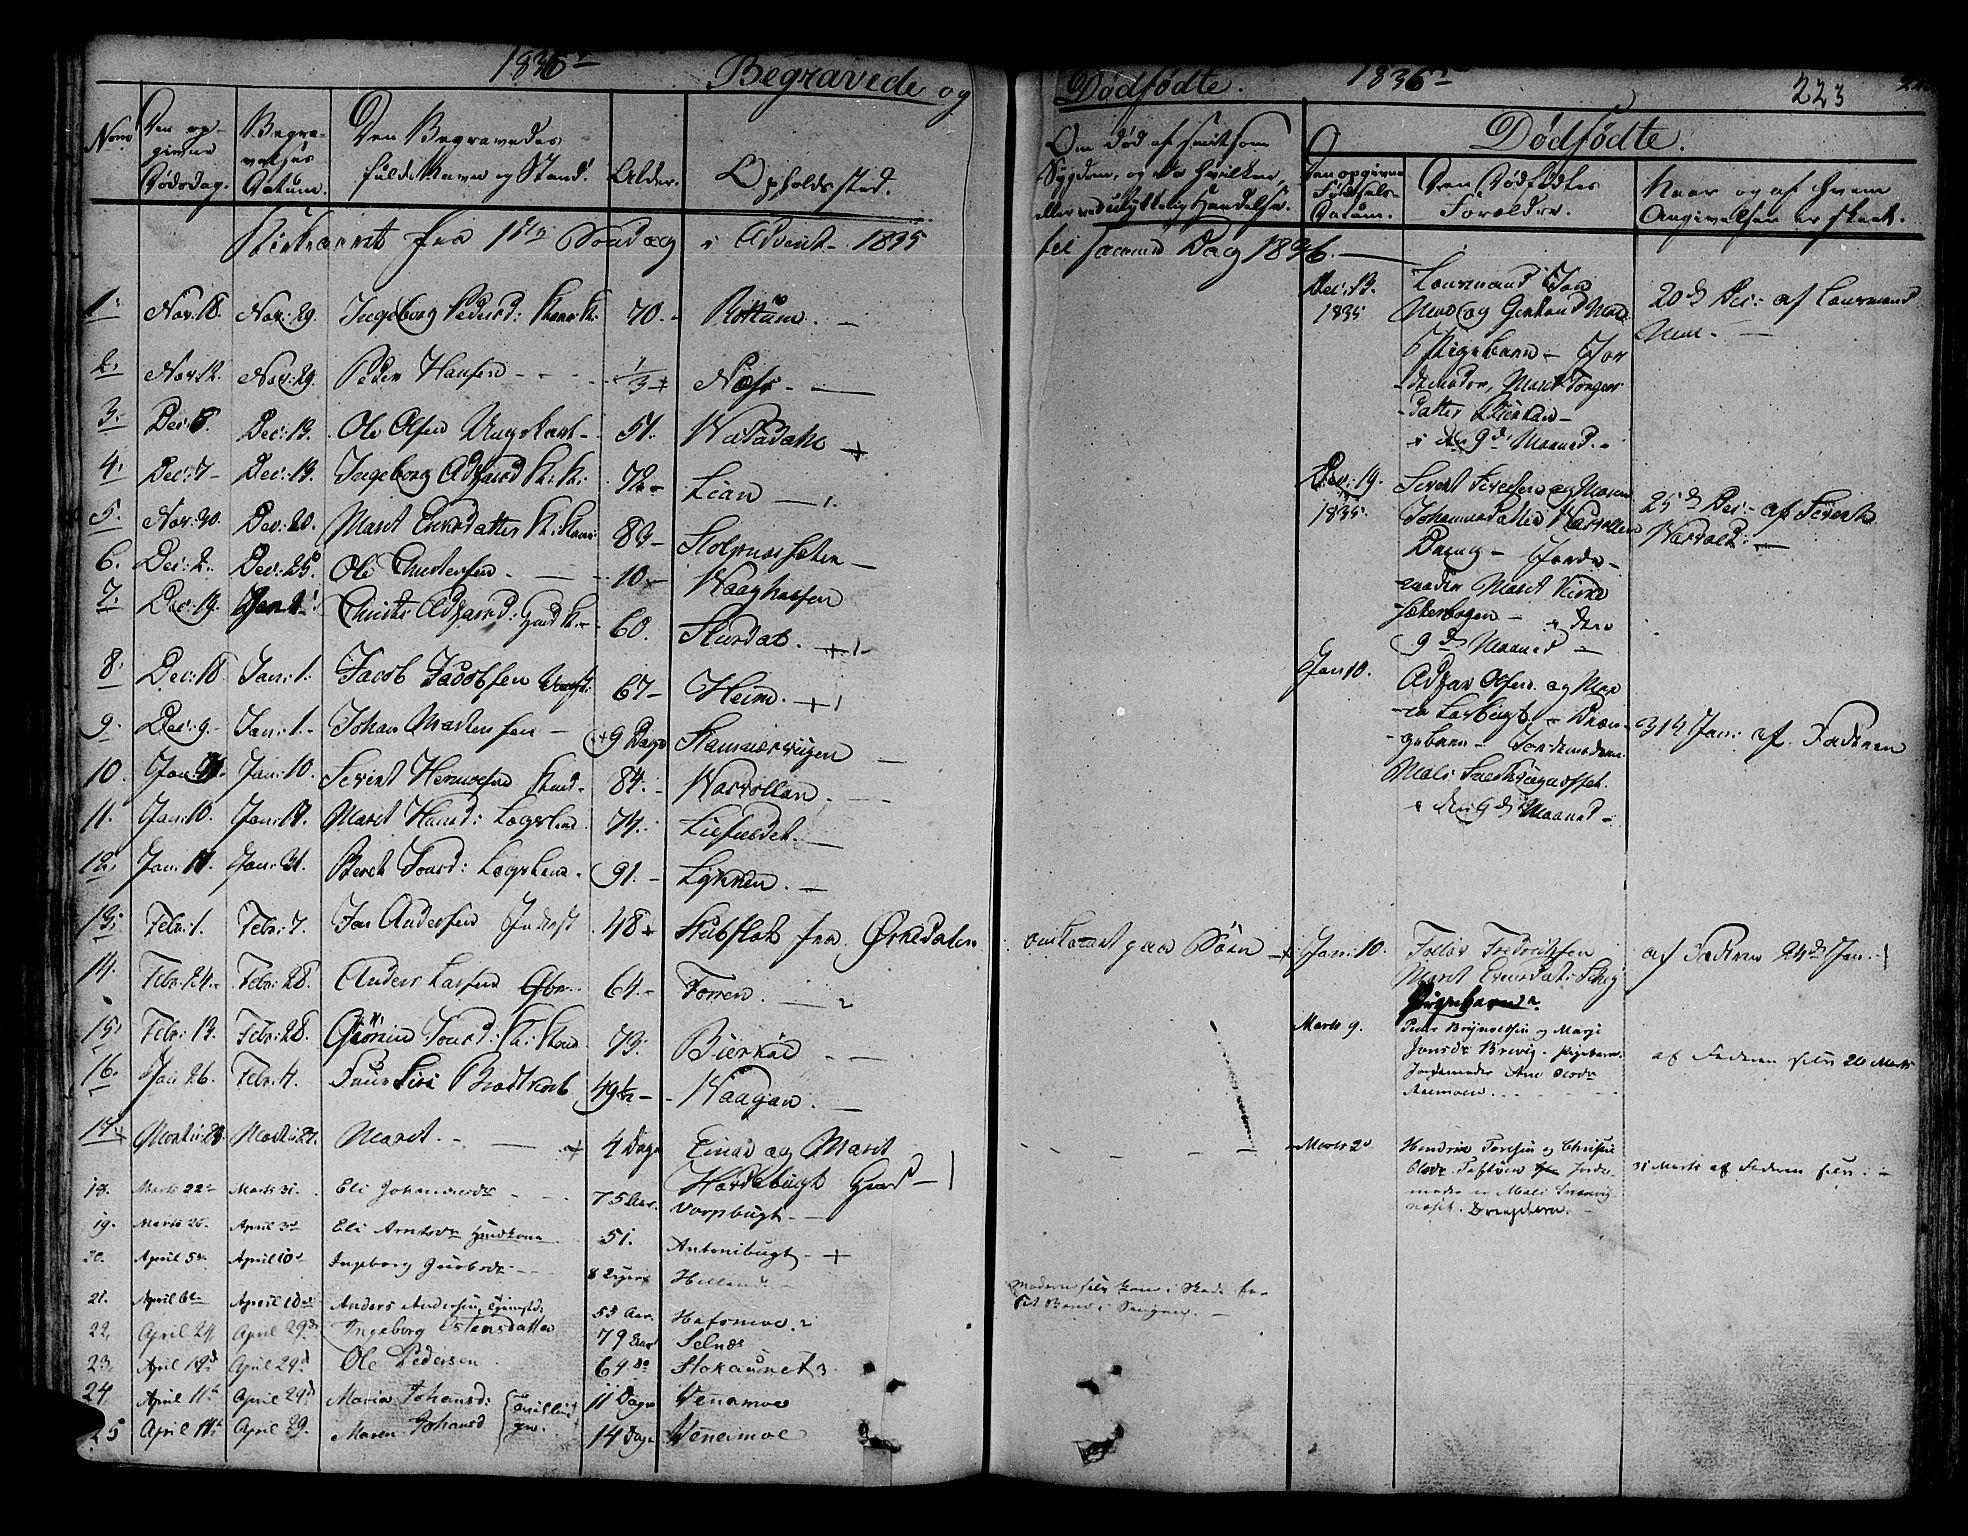 SAT, Ministerialprotokoller, klokkerbøker og fødselsregistre - Sør-Trøndelag, 630/L0492: Ministerialbok nr. 630A05, 1830-1840, s. 223